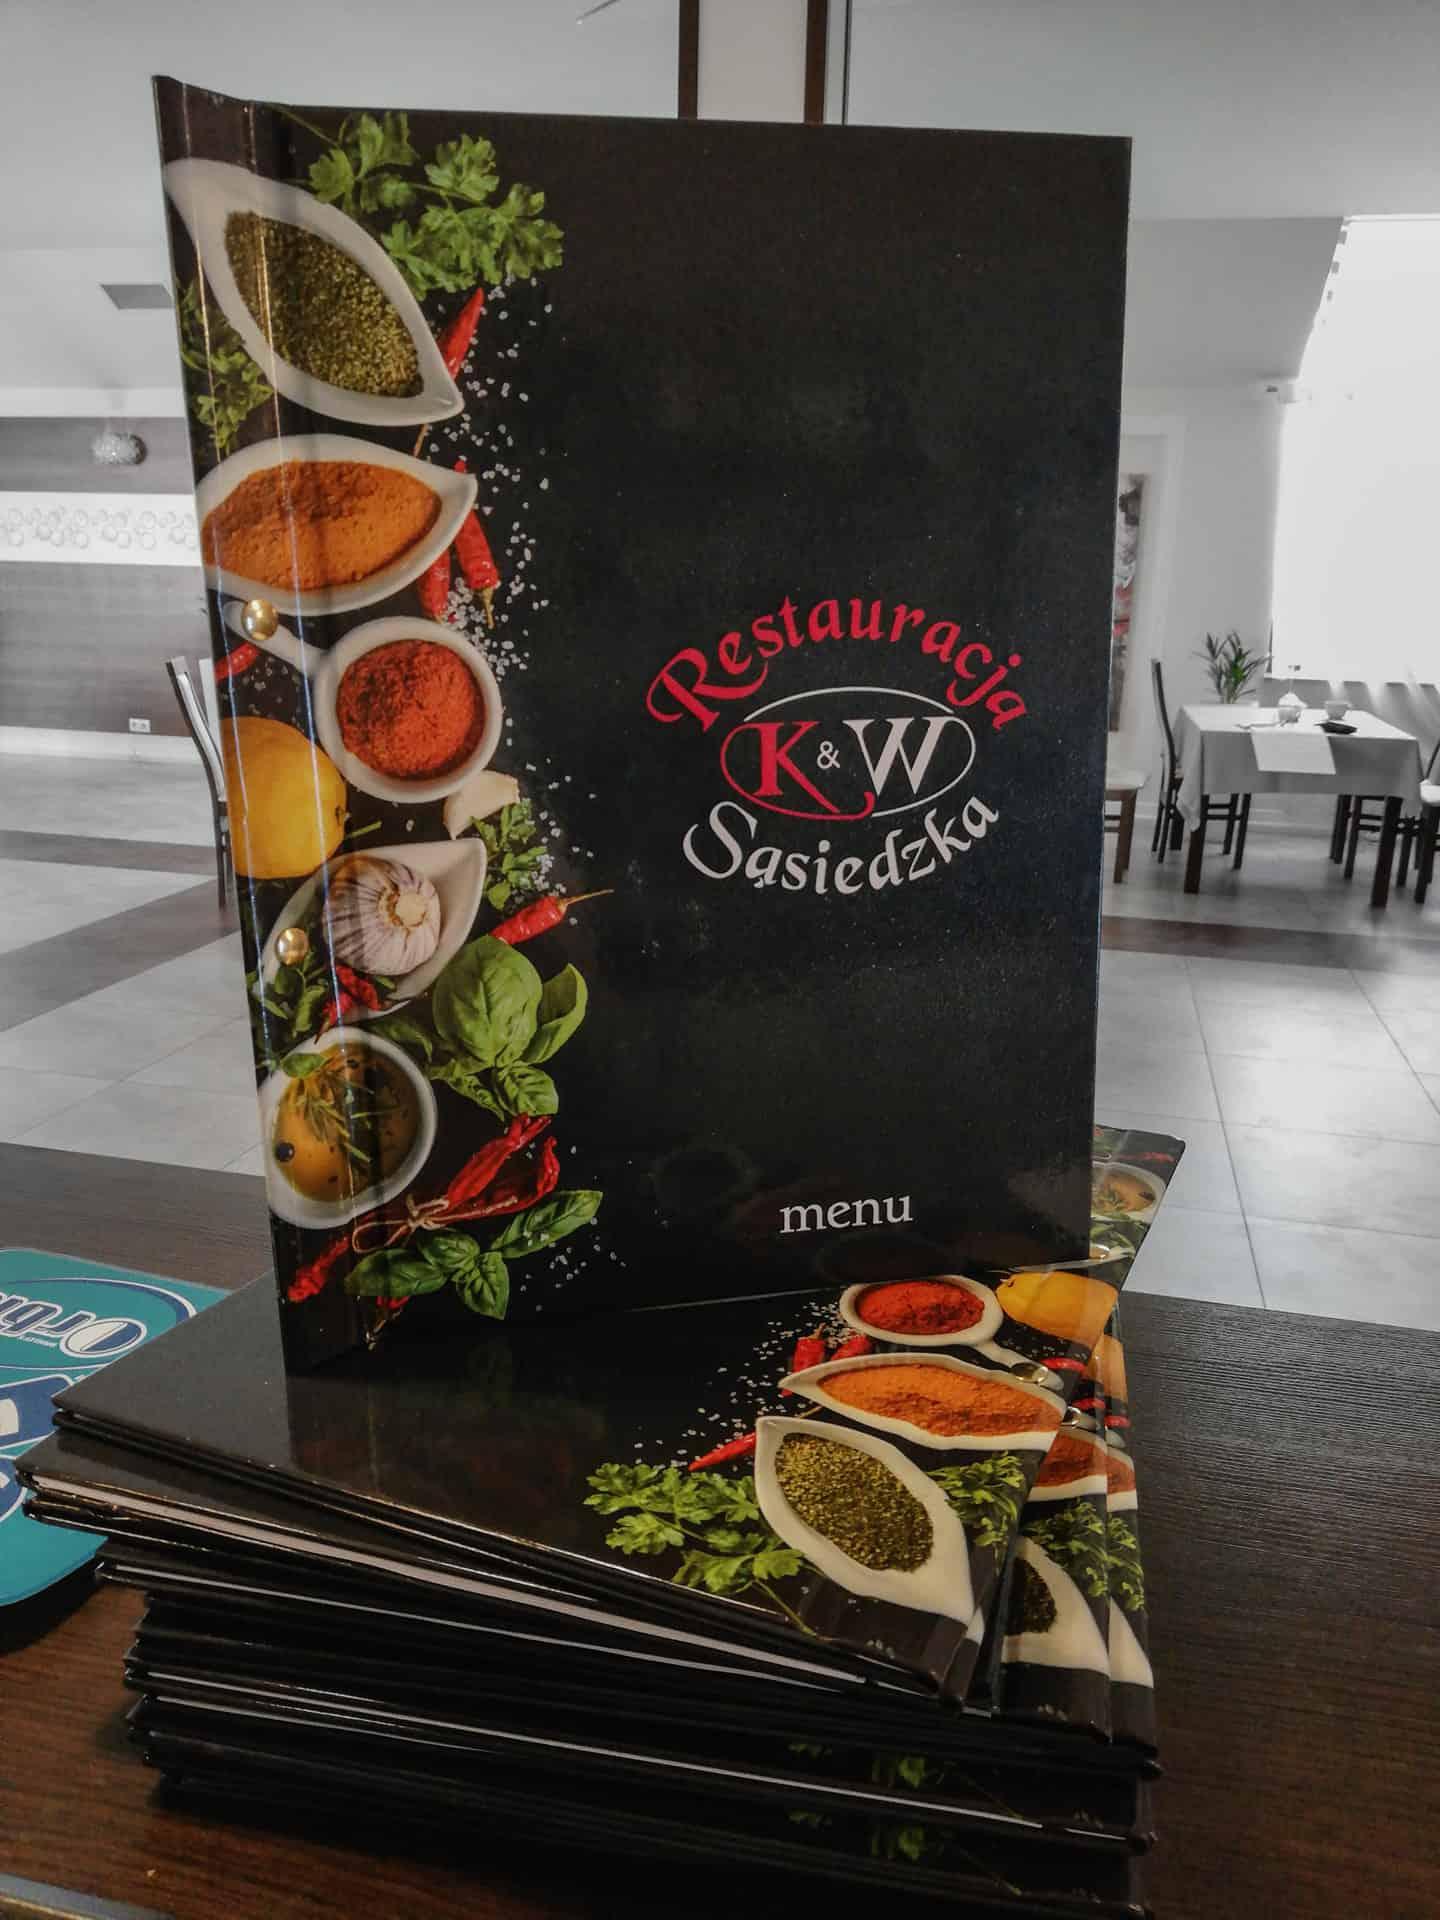 Okładki Menu z nadrukiem restauracji K&W Sąsiedzka